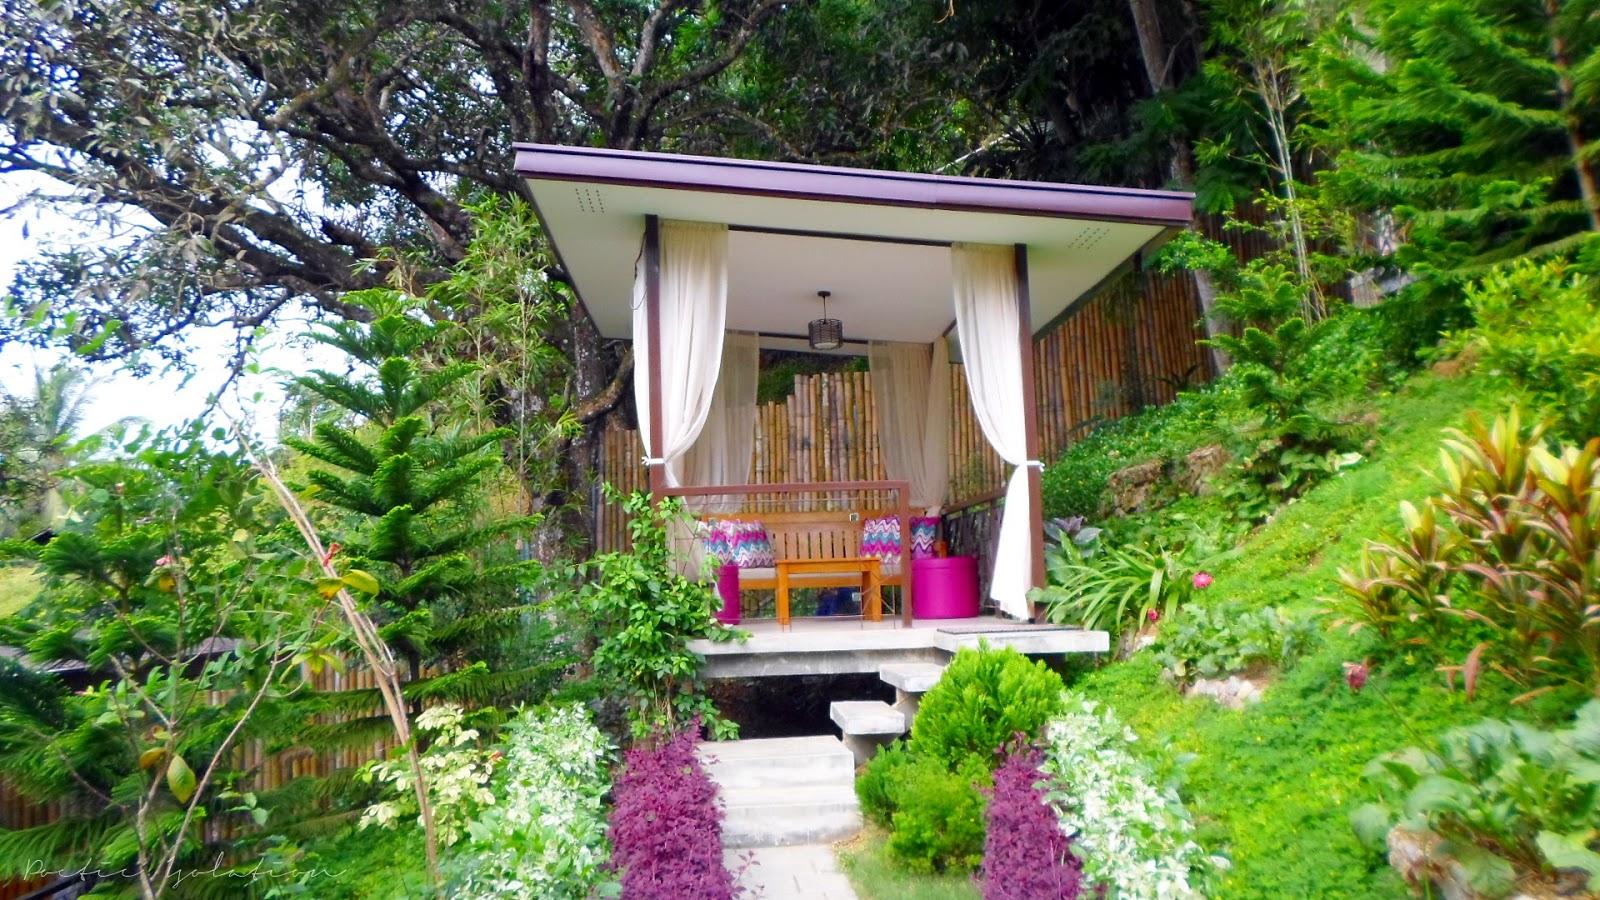 Terrazas de flores botanical garden cebu an artist 39 s for Imagenes de terrazas